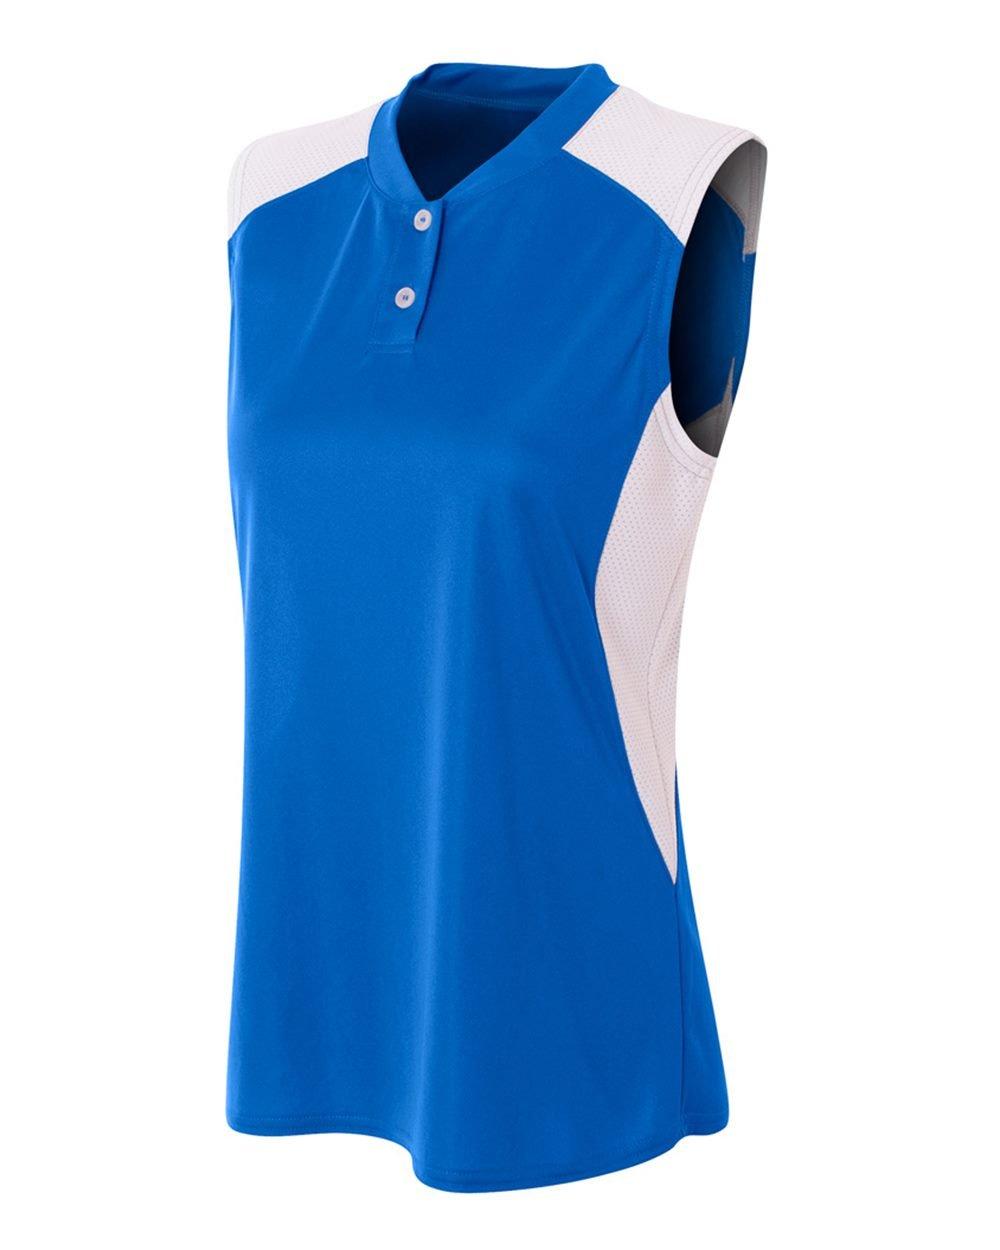 レディースノースリーブ2ボタンMoisture Wicking 2色アスレチックシャツ/ Uniform Jersey Top B01IC9P46A Women's M|ロイヤル/ホワイト ロイヤル/ホワイト Women's M